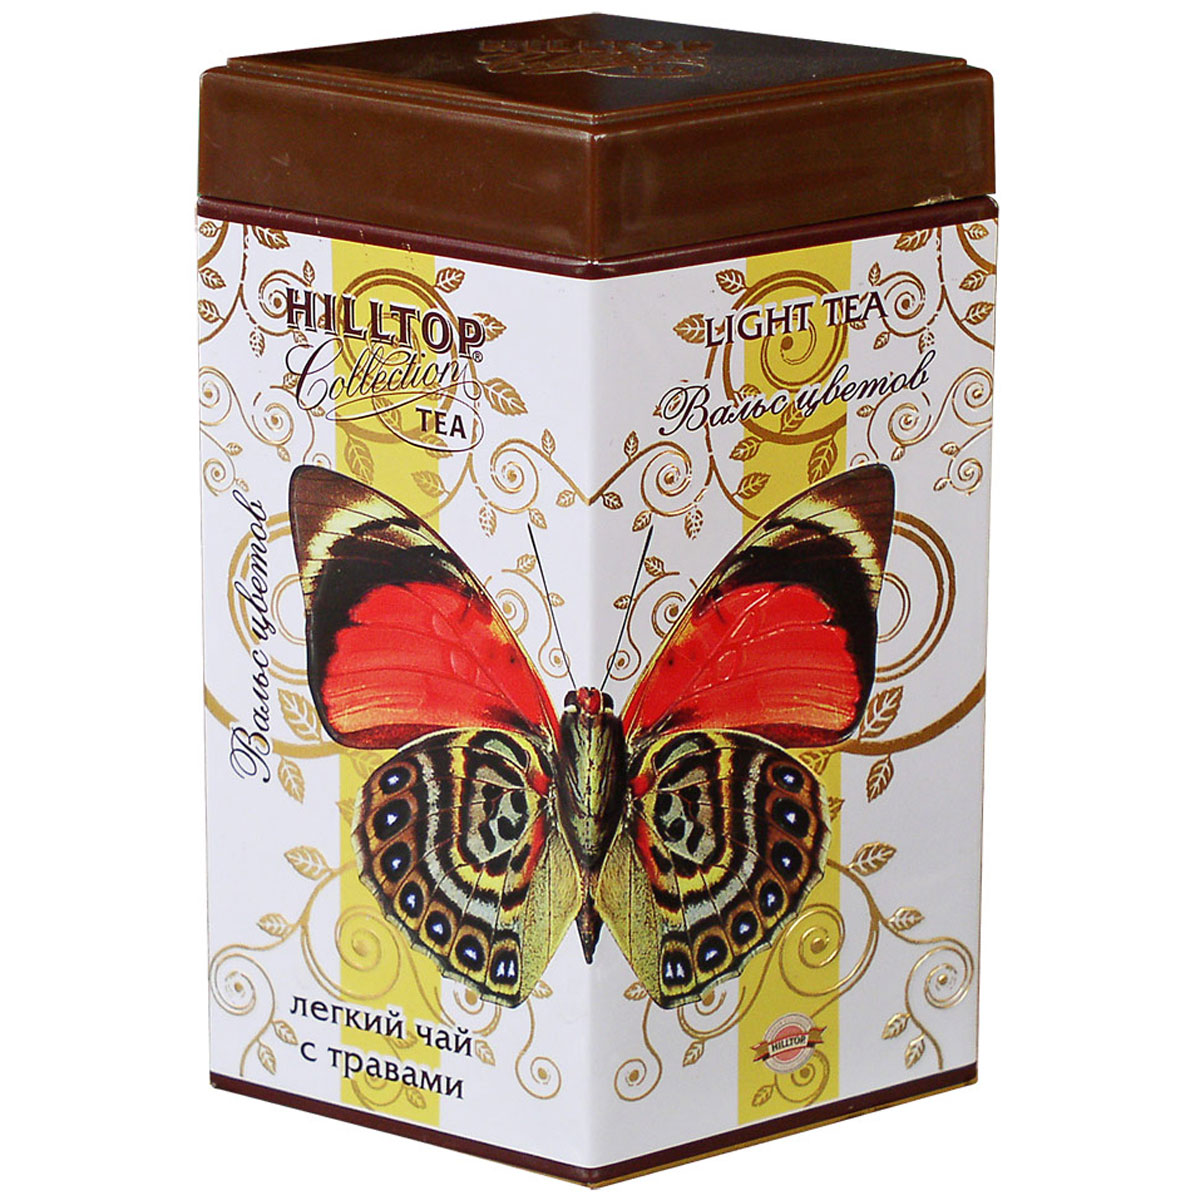 Hilltop Вальс цветов ароматизированный листовой чай, 100 г4607099301443Яркая и жизнерадостная смесь черного и зеленого чая Hilltop Вальс цветов с гибискусом, лепестками календулы, сафлора, василька, мальвы и чабреца.